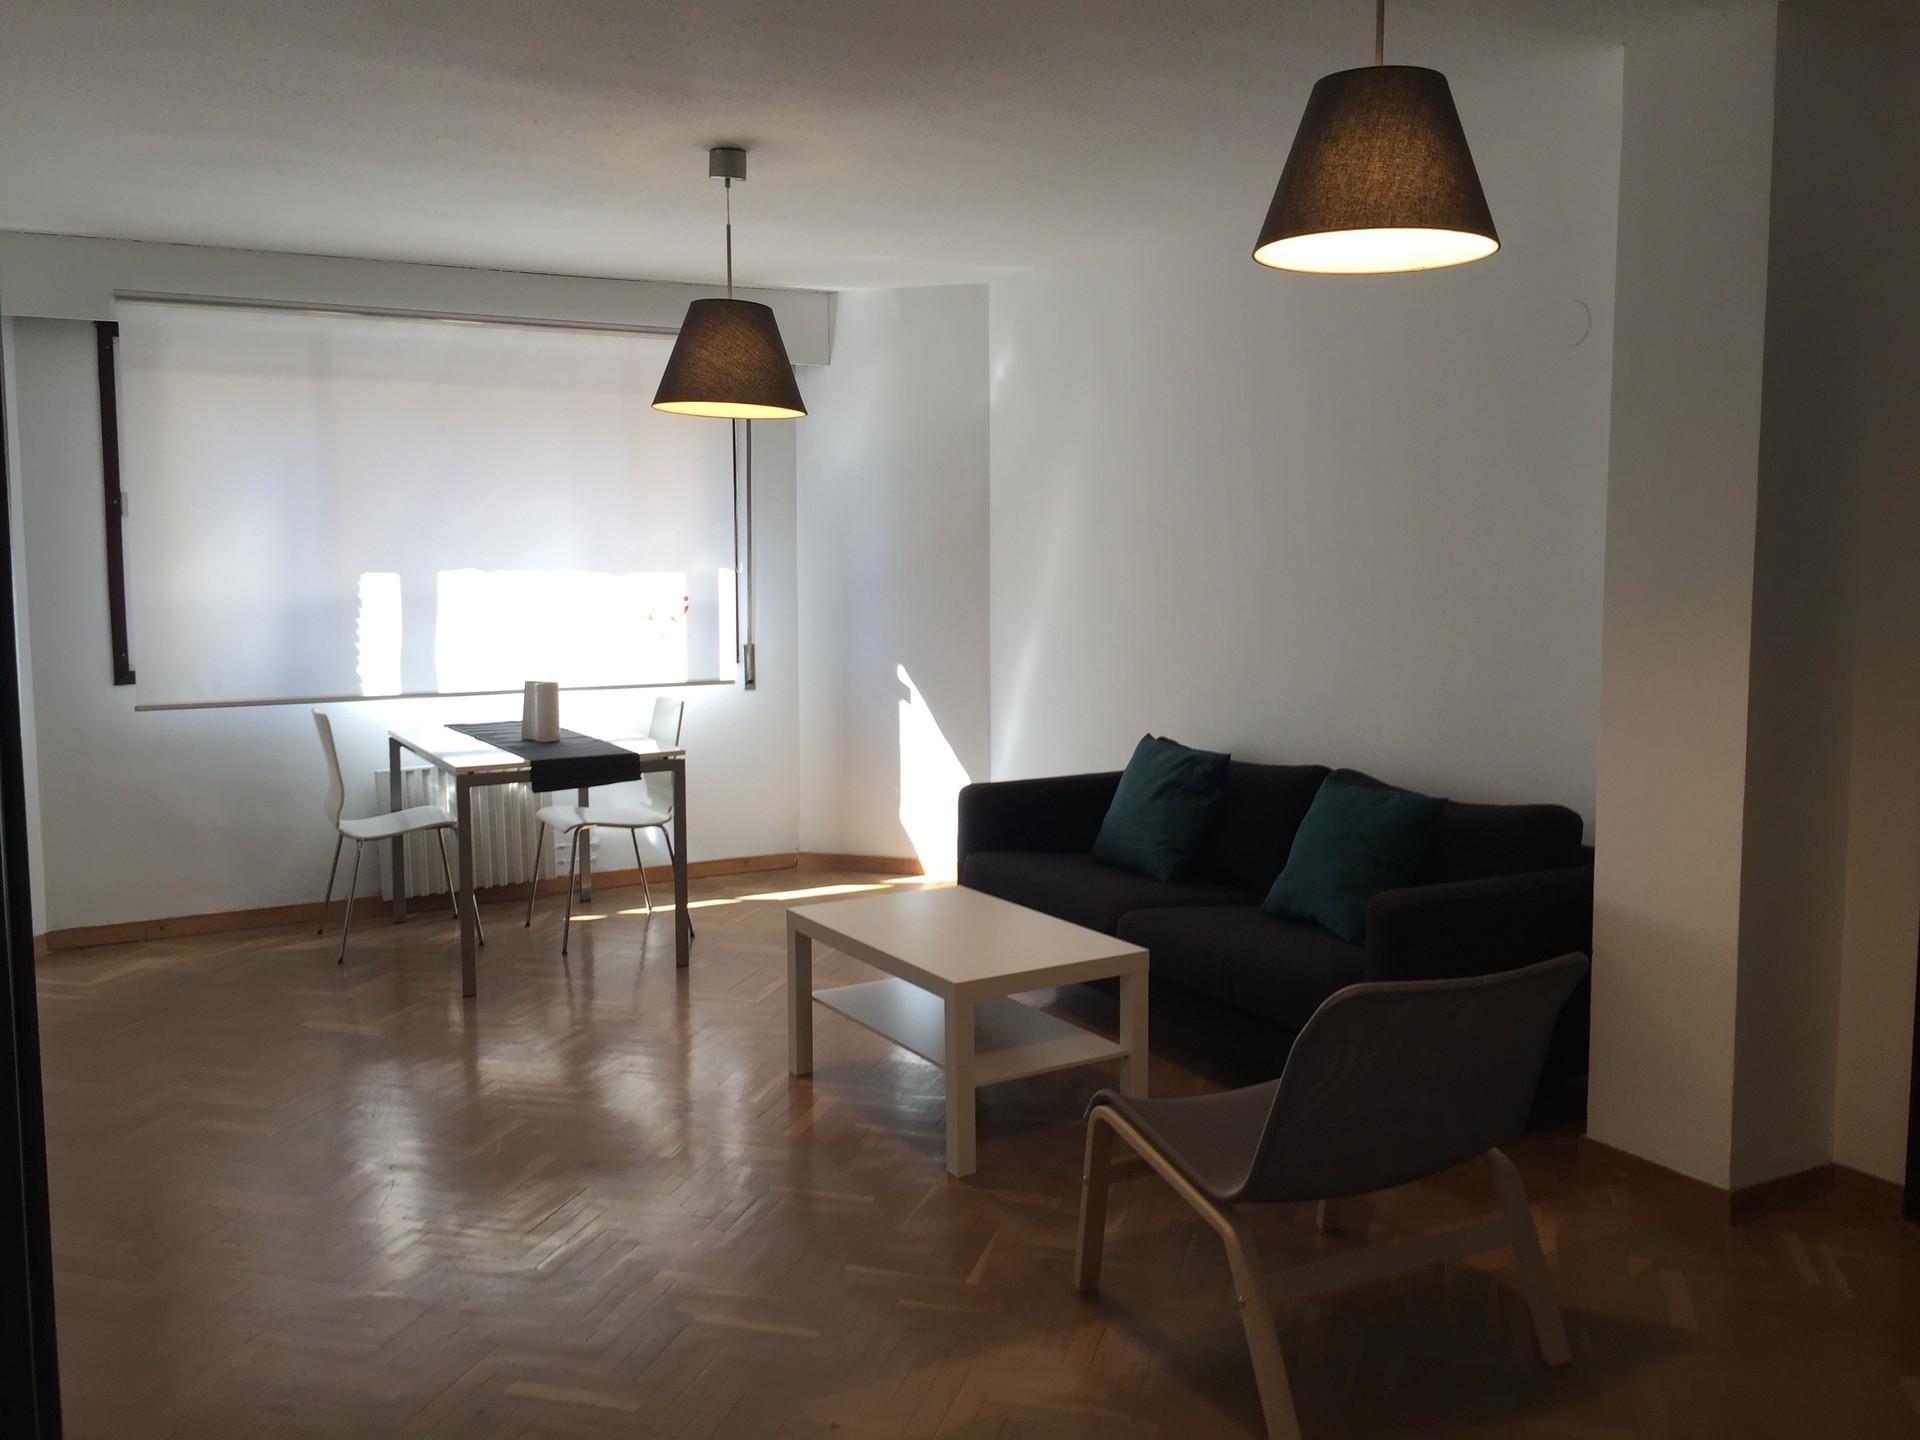 Piso lujo centro center flat alquiler habitaciones - Pisos alquiler zaragoza centro ...